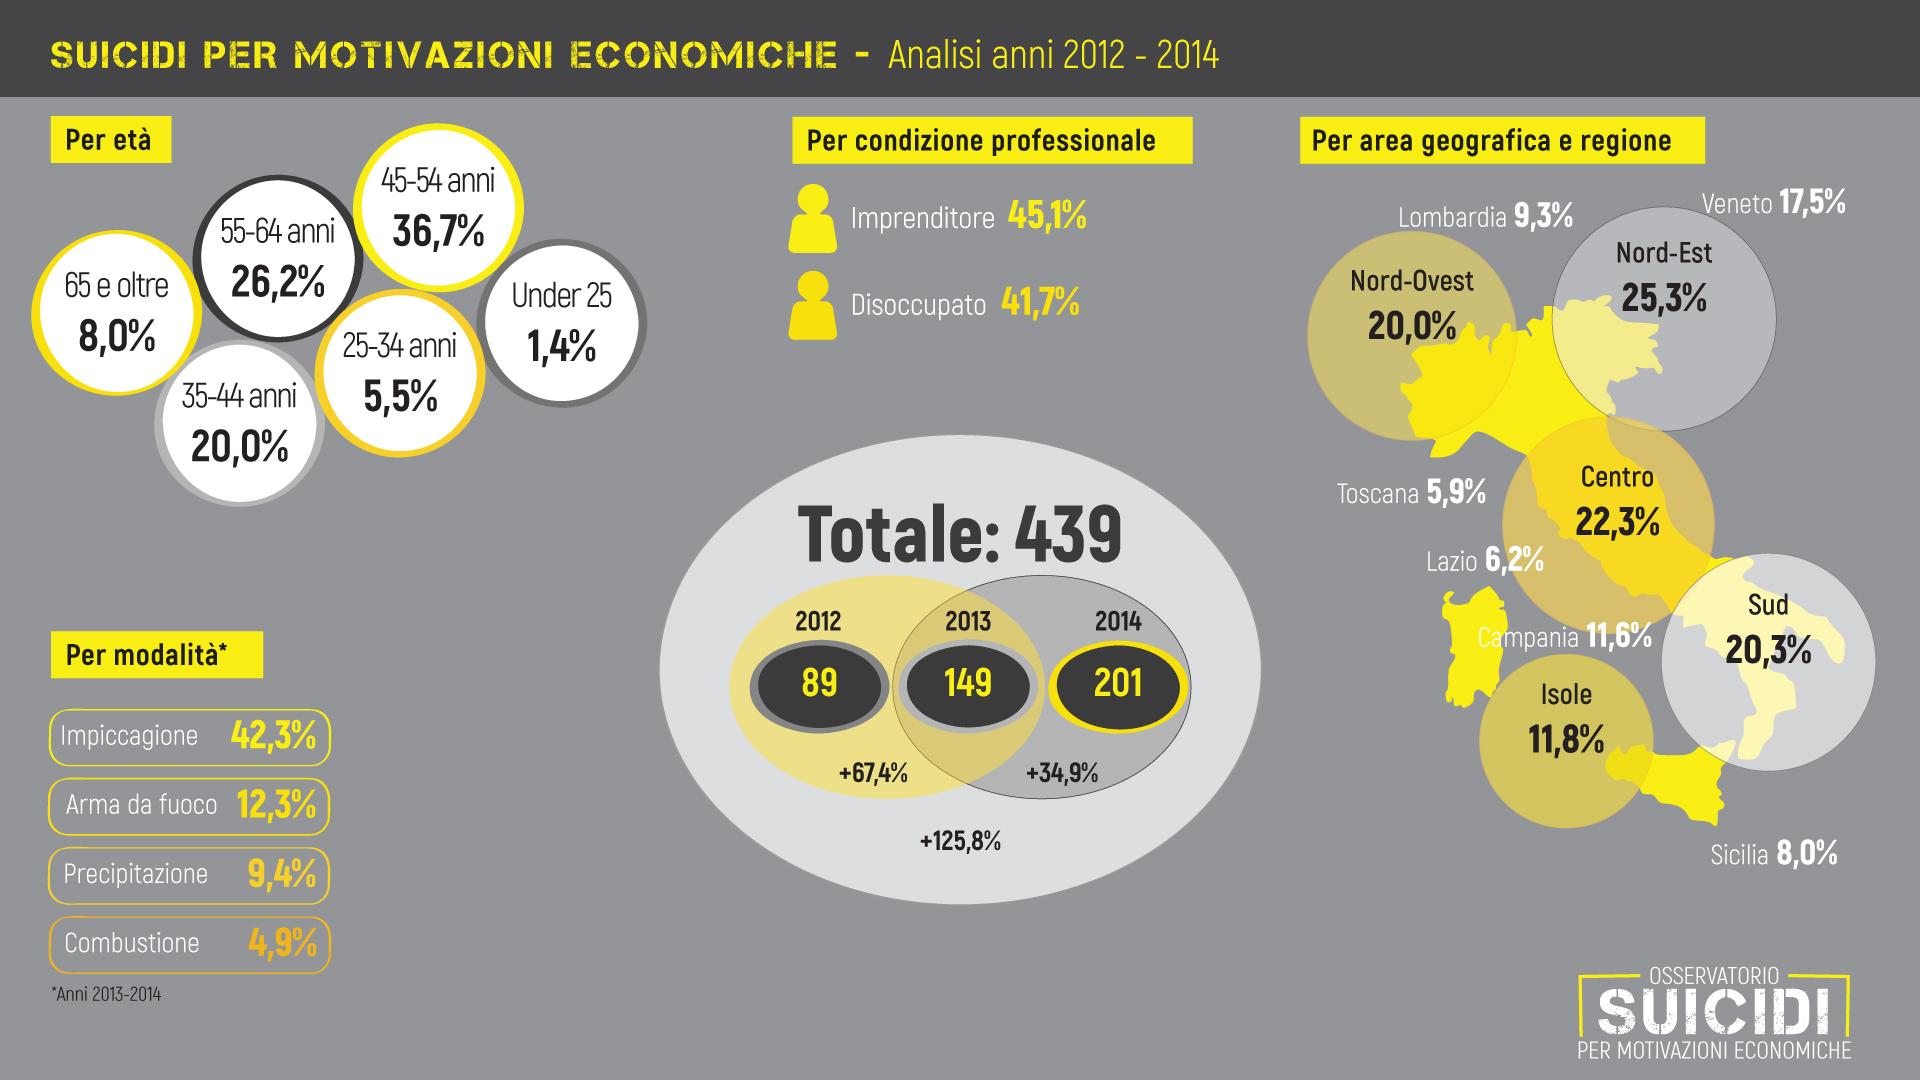 Suicidi-2012-2014